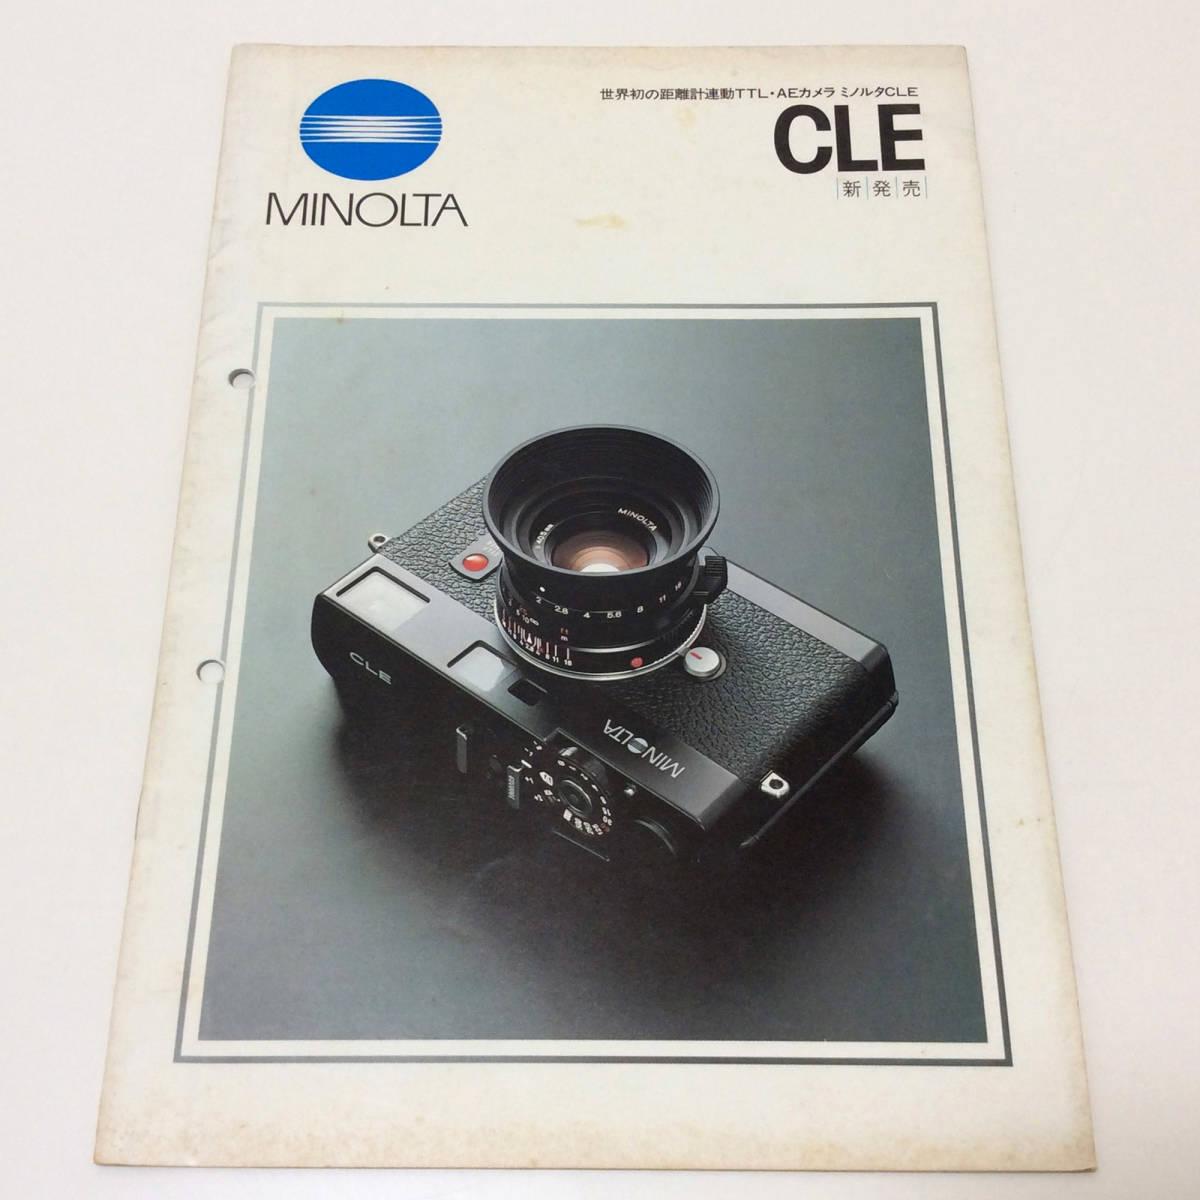 ミノルタ カタログ (TC-1 A4-18頁、PROD A4-4面、CLE A4-20頁 計3部)_画像3